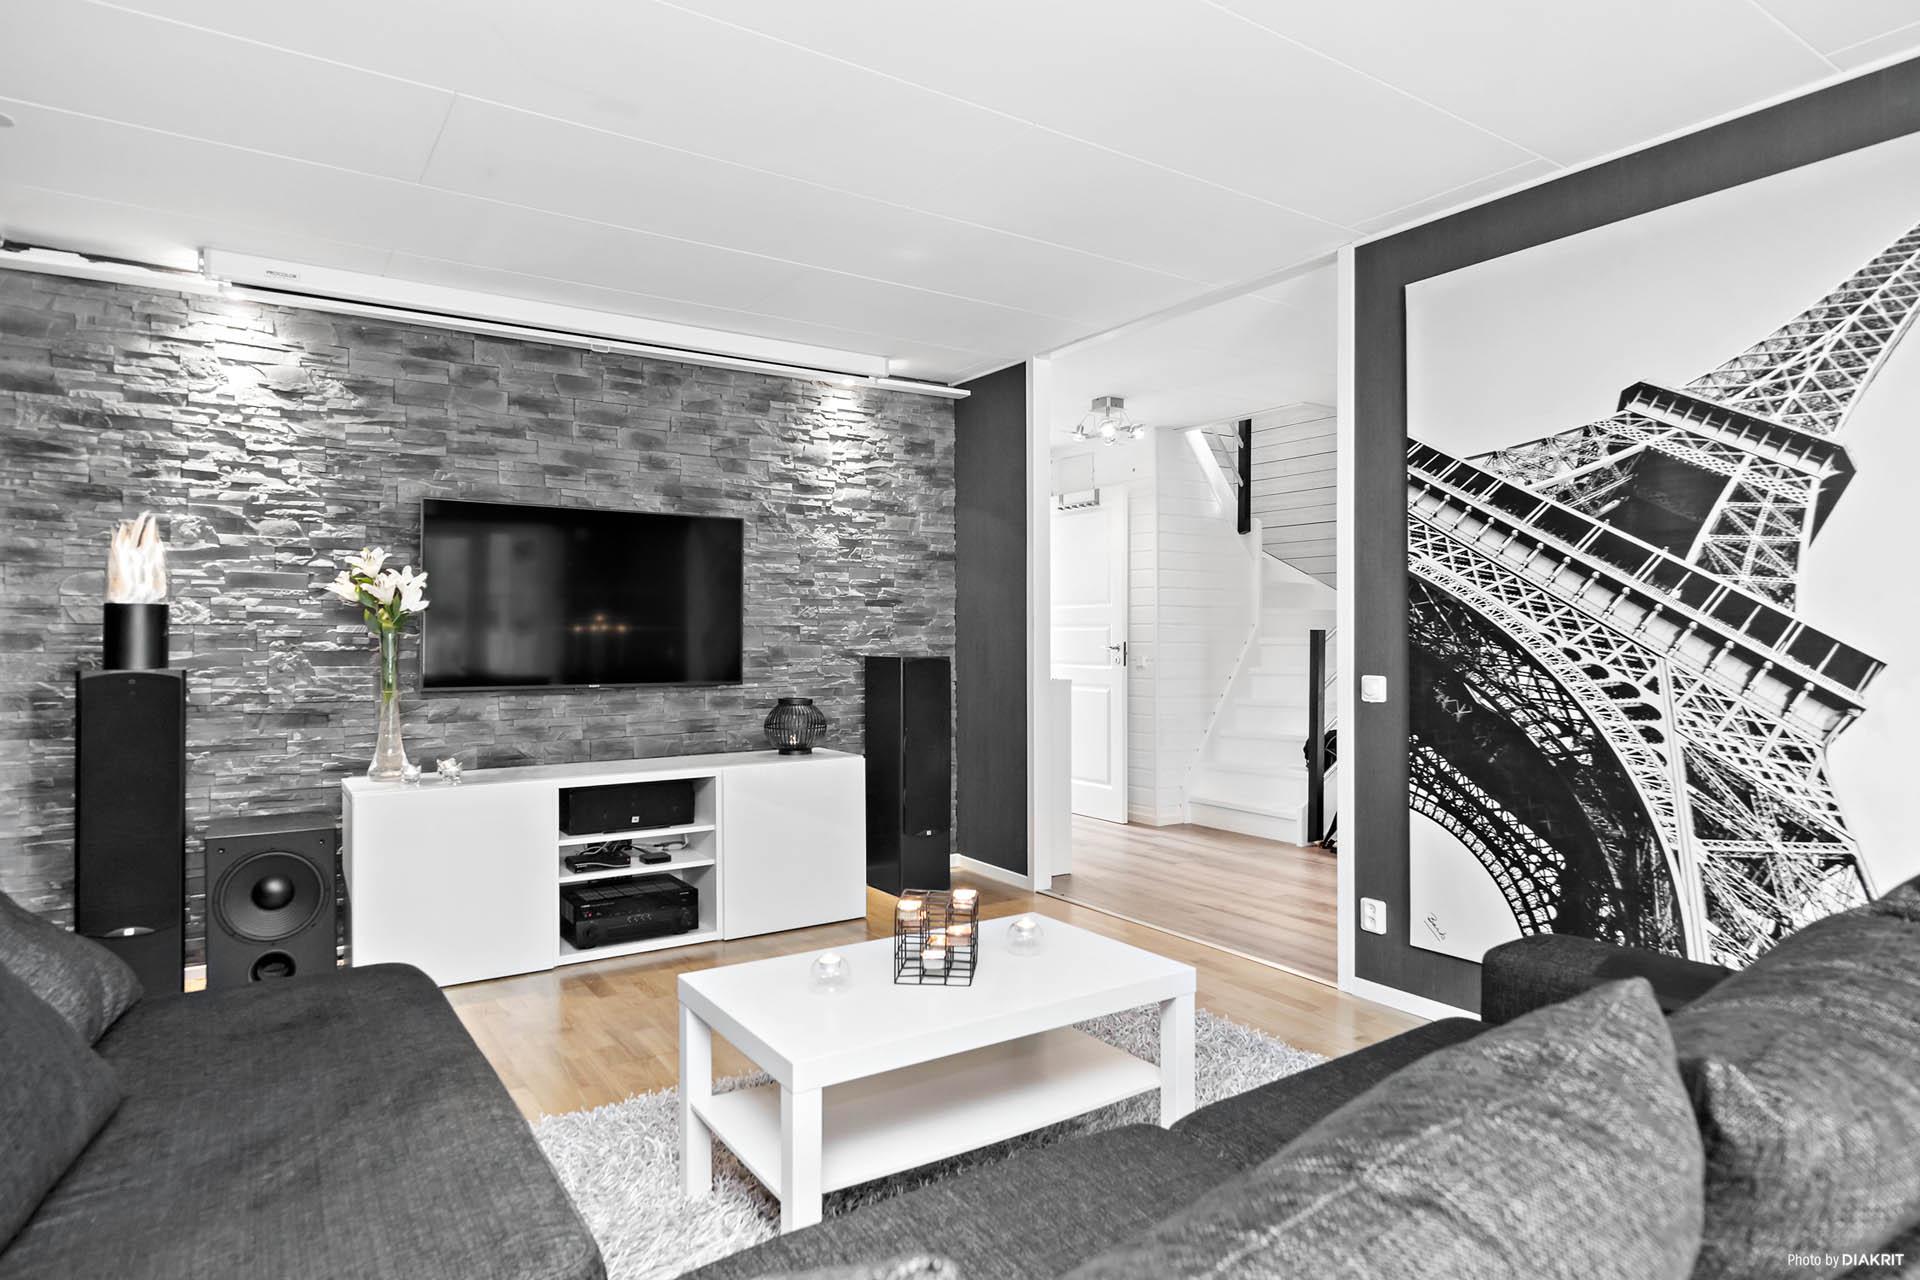 Läckert vardagsrum med fondvägg av dekortegel